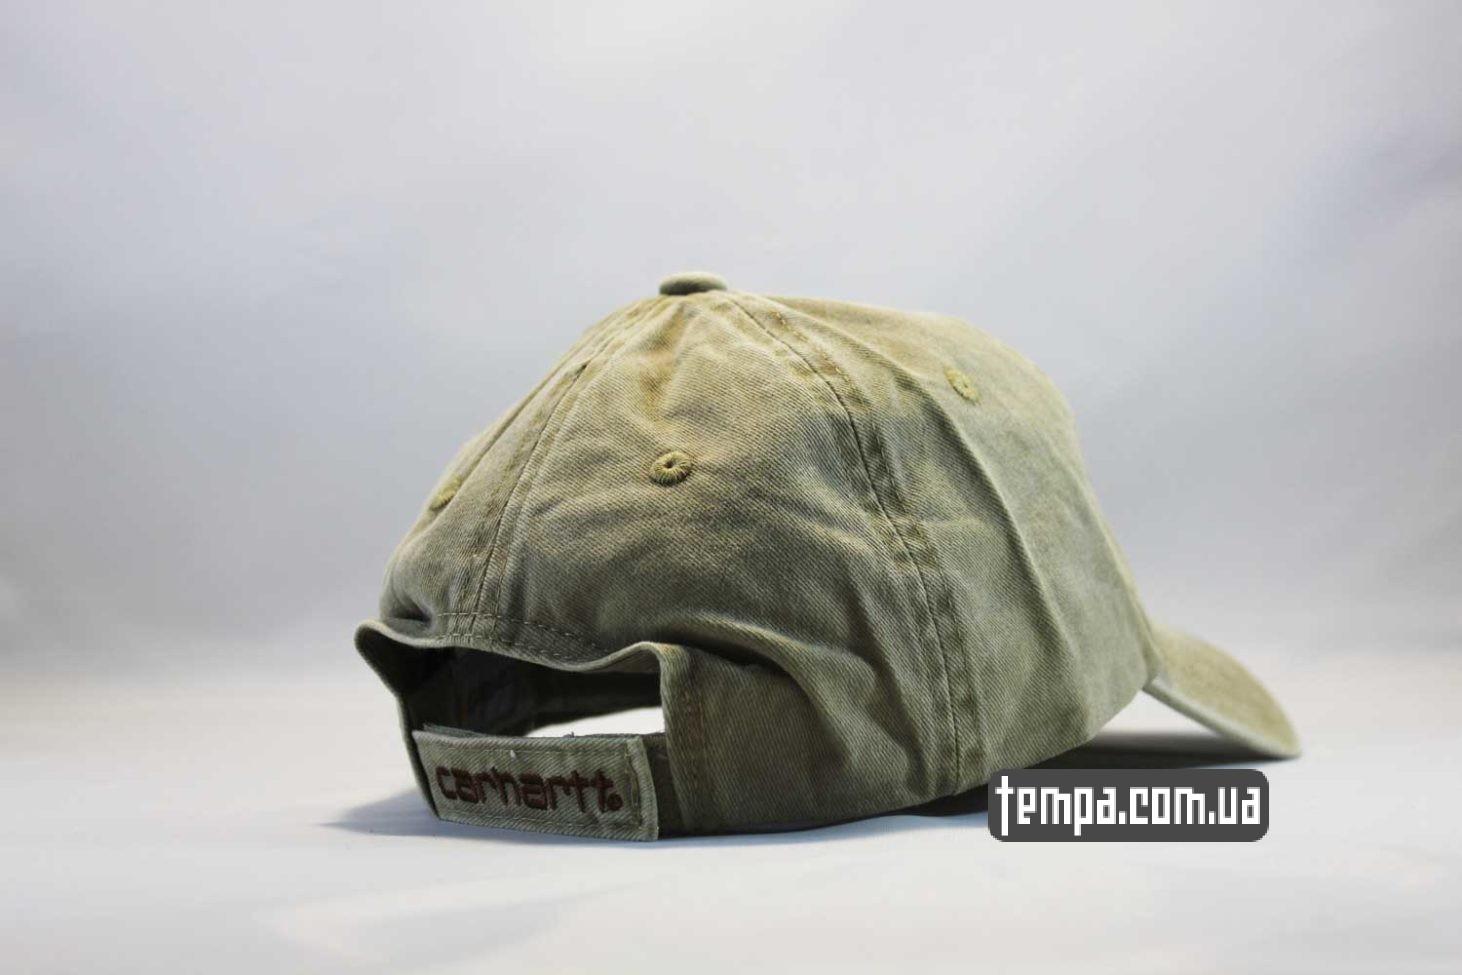 кархарт украина магазин кепка бейсболка Carhartt джинсовая серая купить